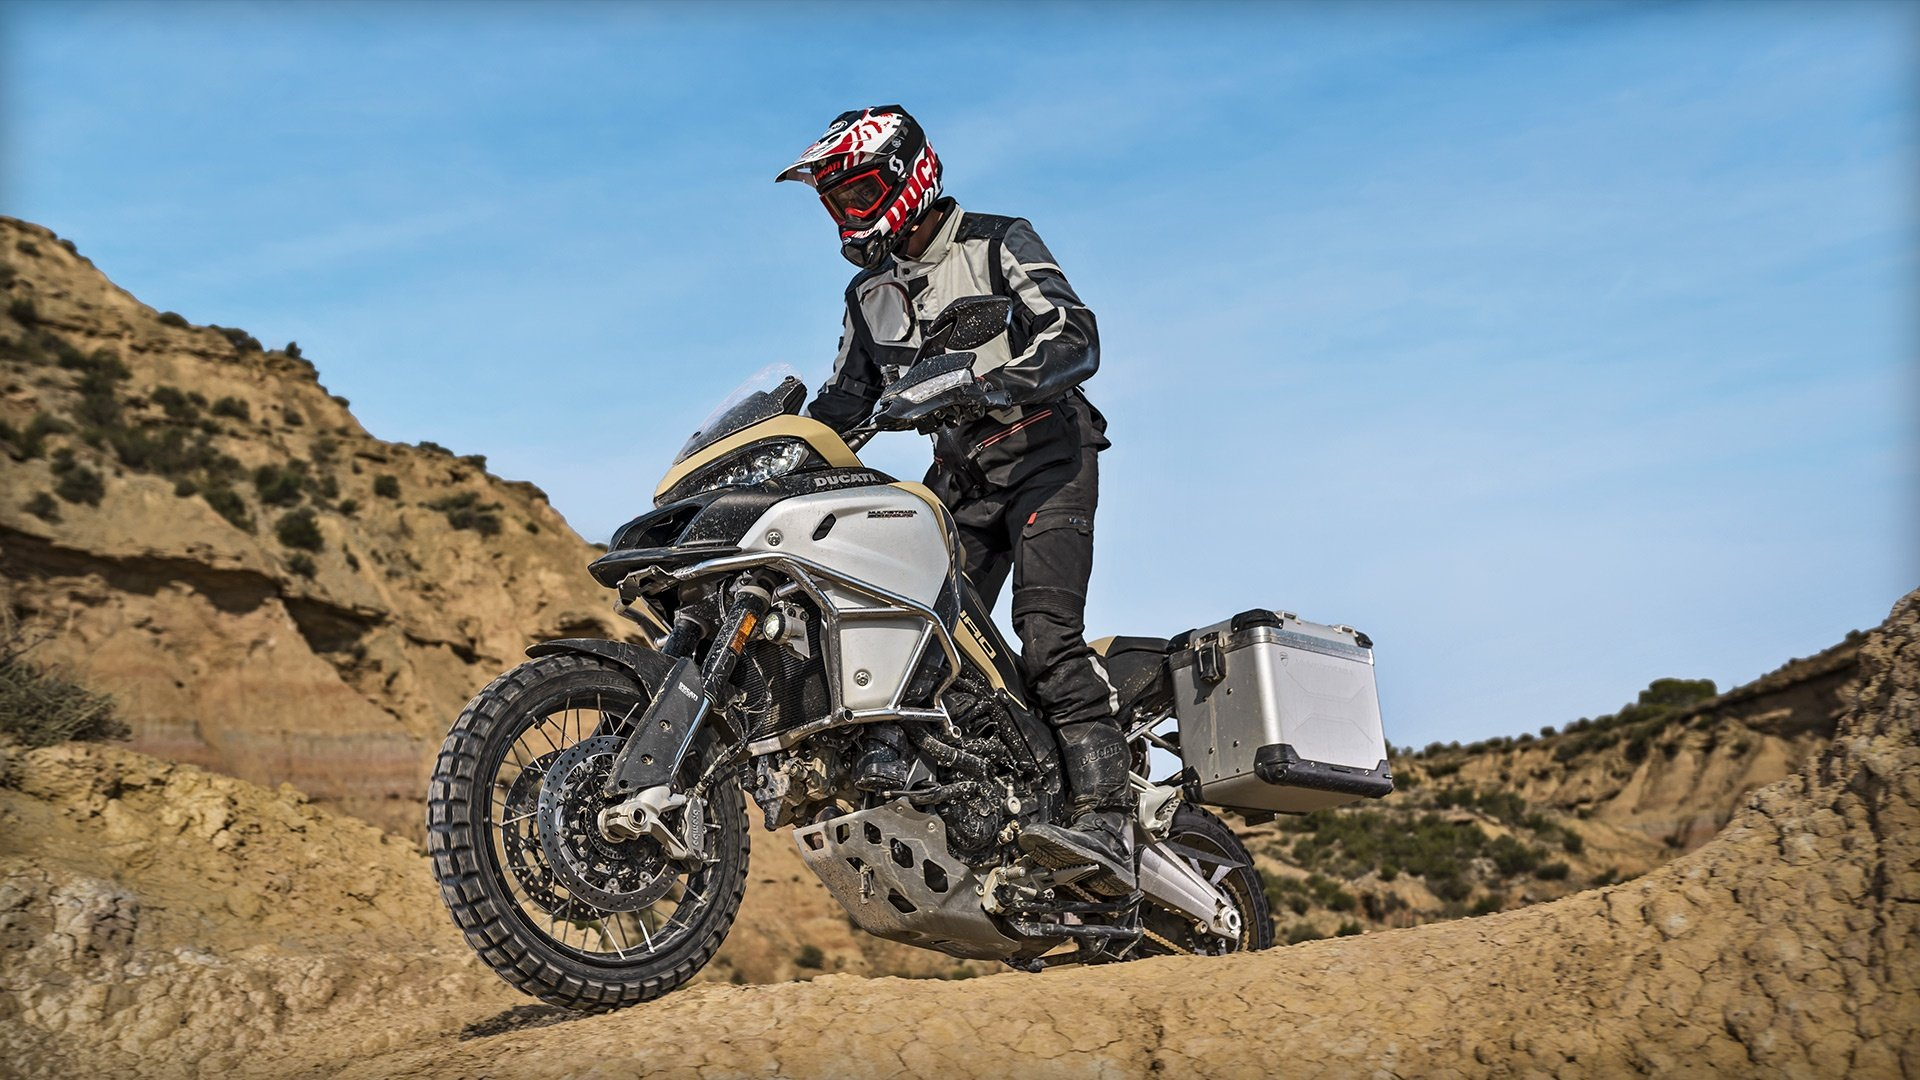 un motociclista con una tuta rossa e un casco bianco, rosso e nero che guida una Ducati bianca e nera su una strada sterrata e dietro vista delle montagne